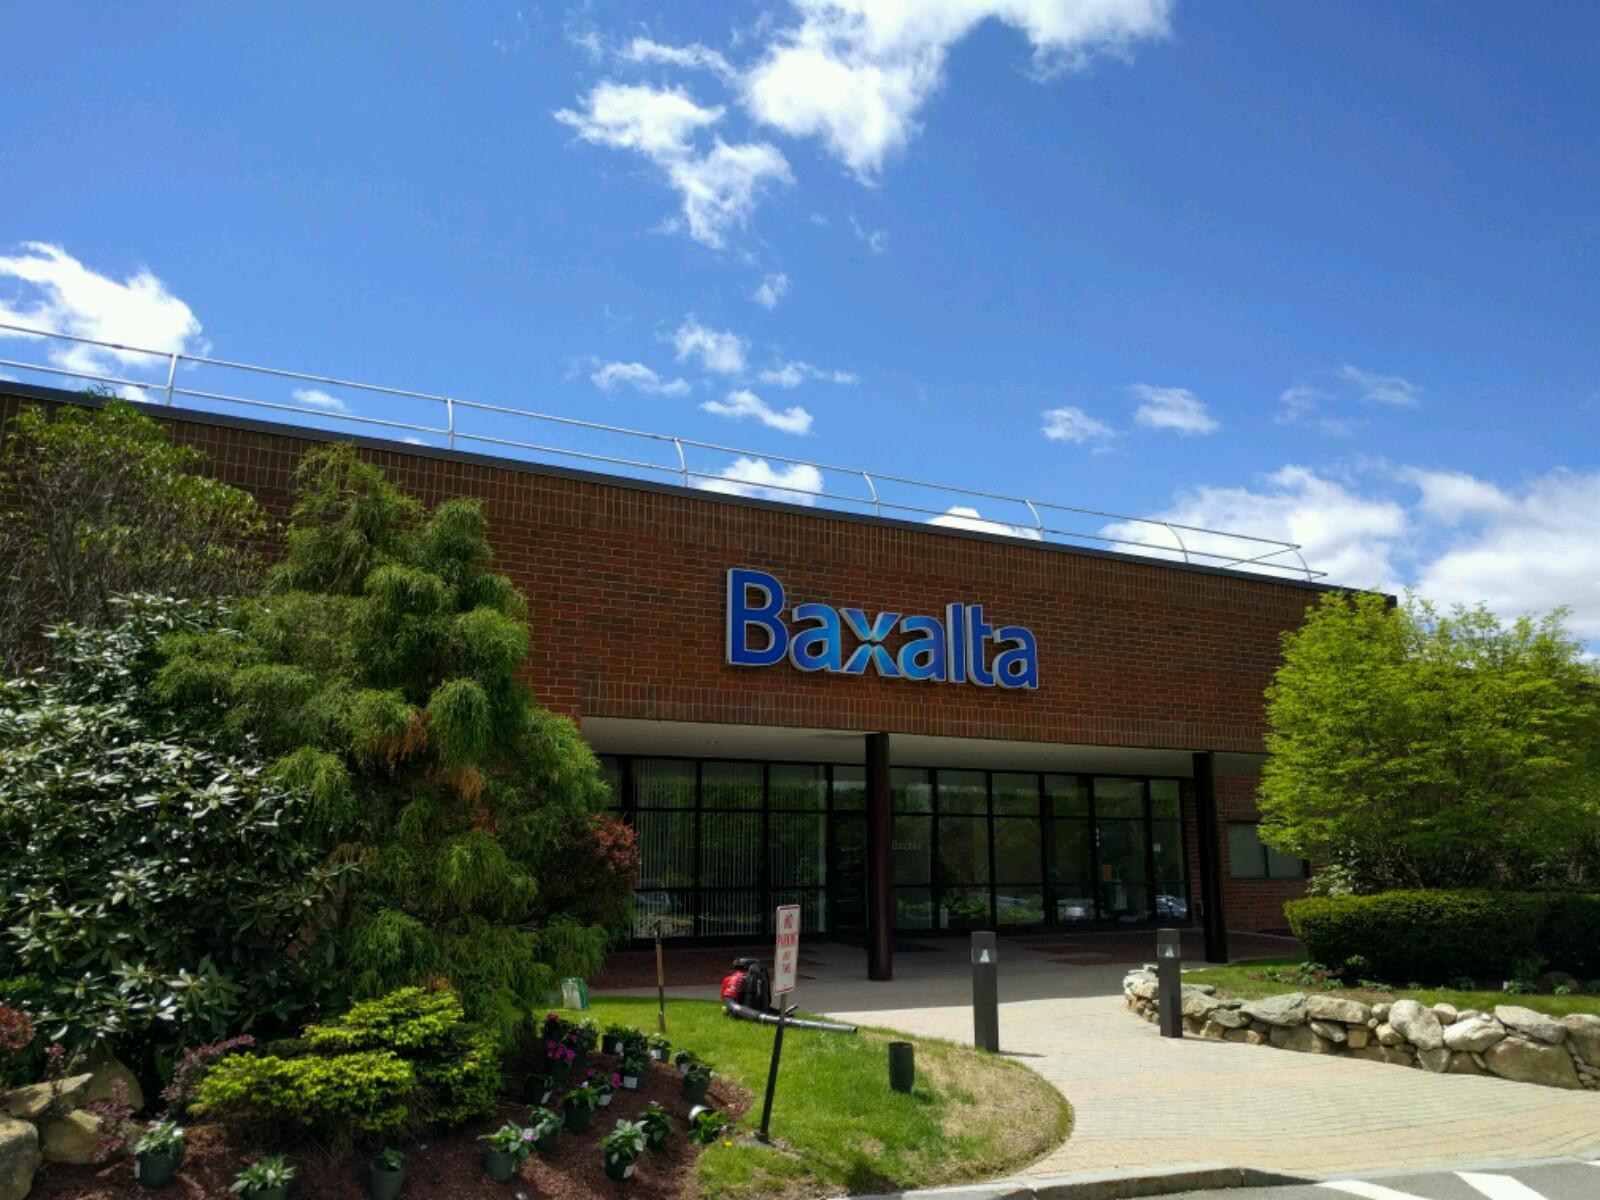 Baxalta office in Milford, Massachusetts.